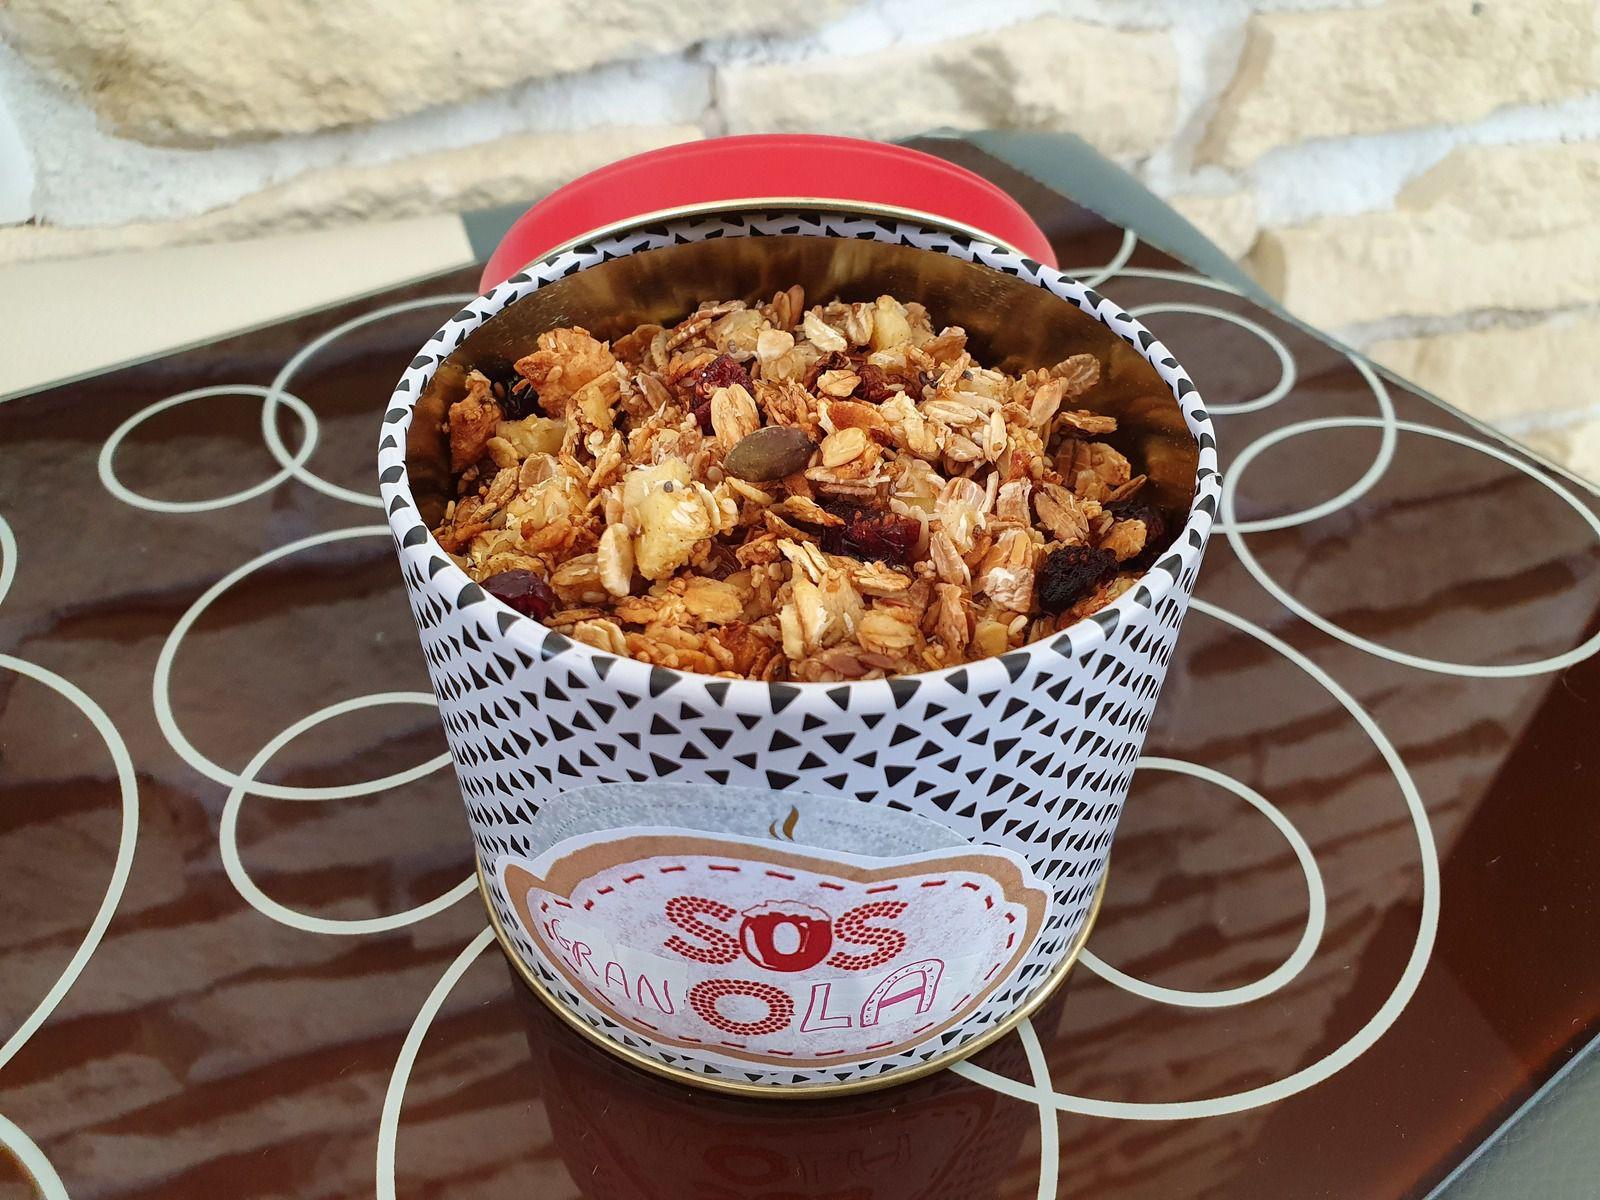 Après avoir fait le tour de plusieurs recettes sur PINTEREST et sur les Blogs, je me suis lancée pour préparer mon Granola selon mes envies.